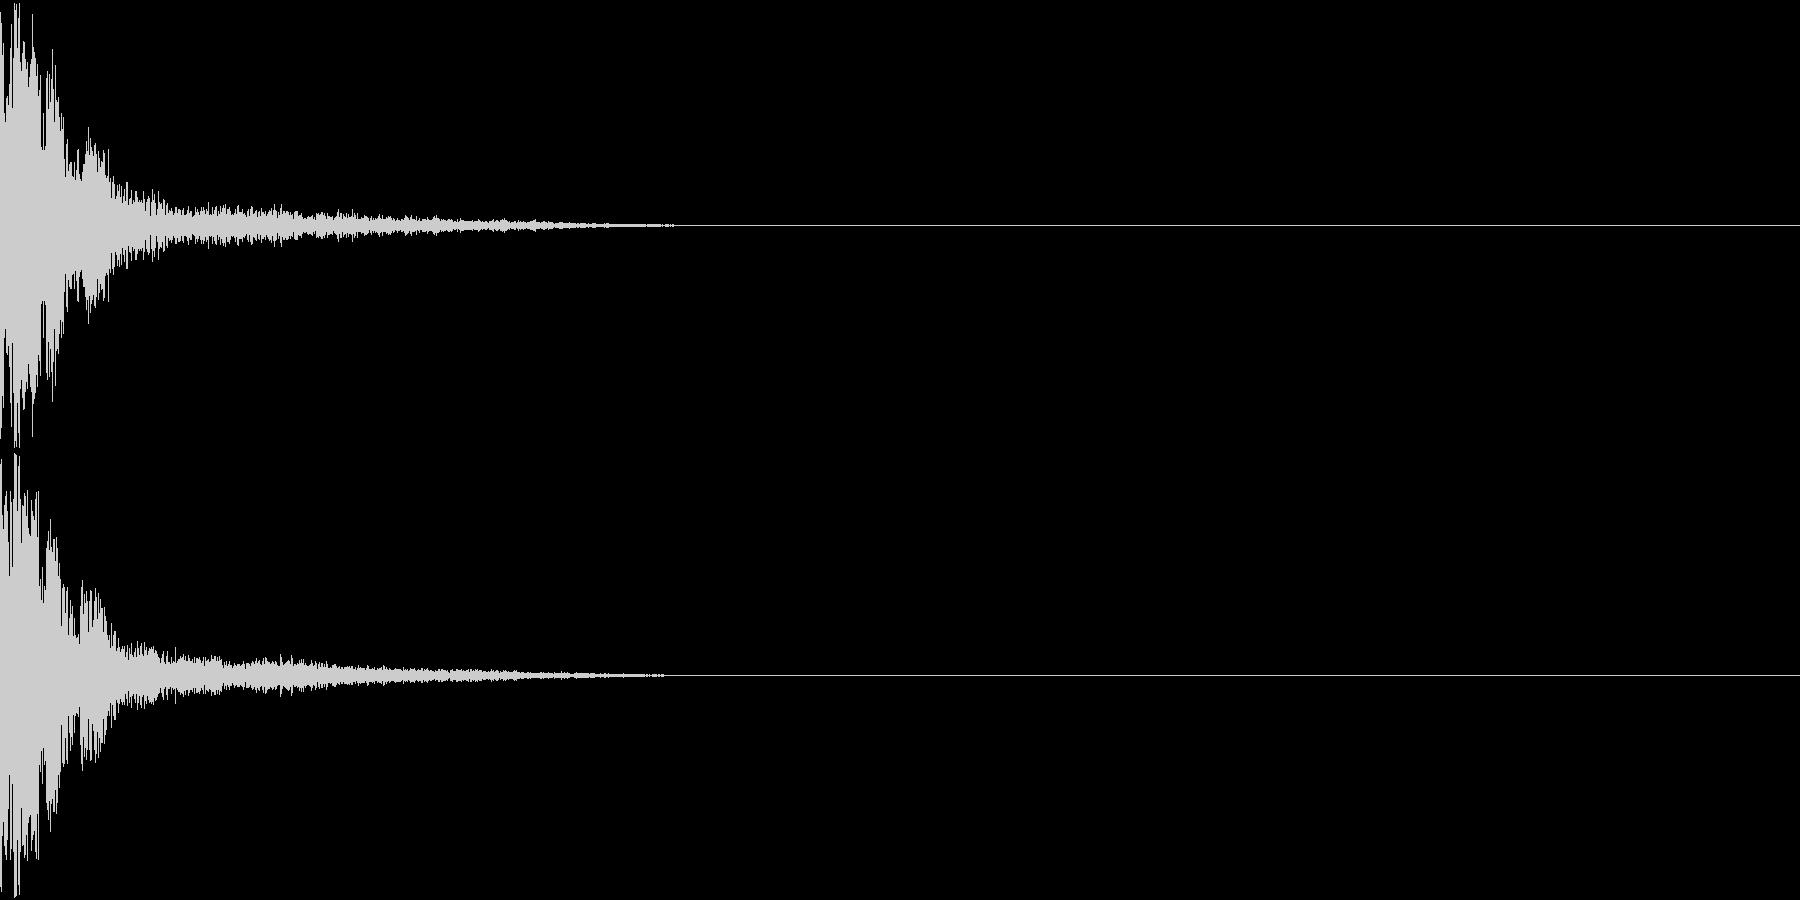 GUN レーザー銃 効果音付きの未再生の波形